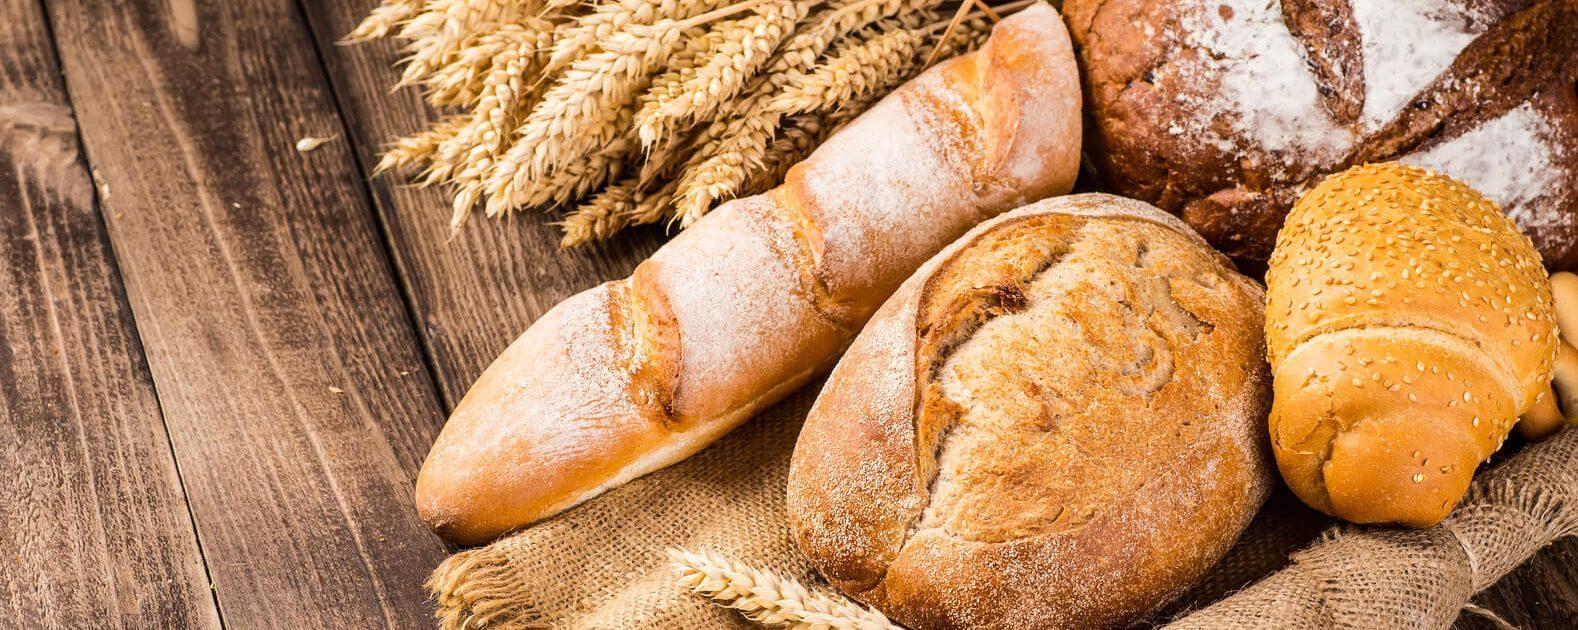 Baguette, Brot und Brötchen – darauf muss bei einer Zöliakie überwiegend verzichtet werden.